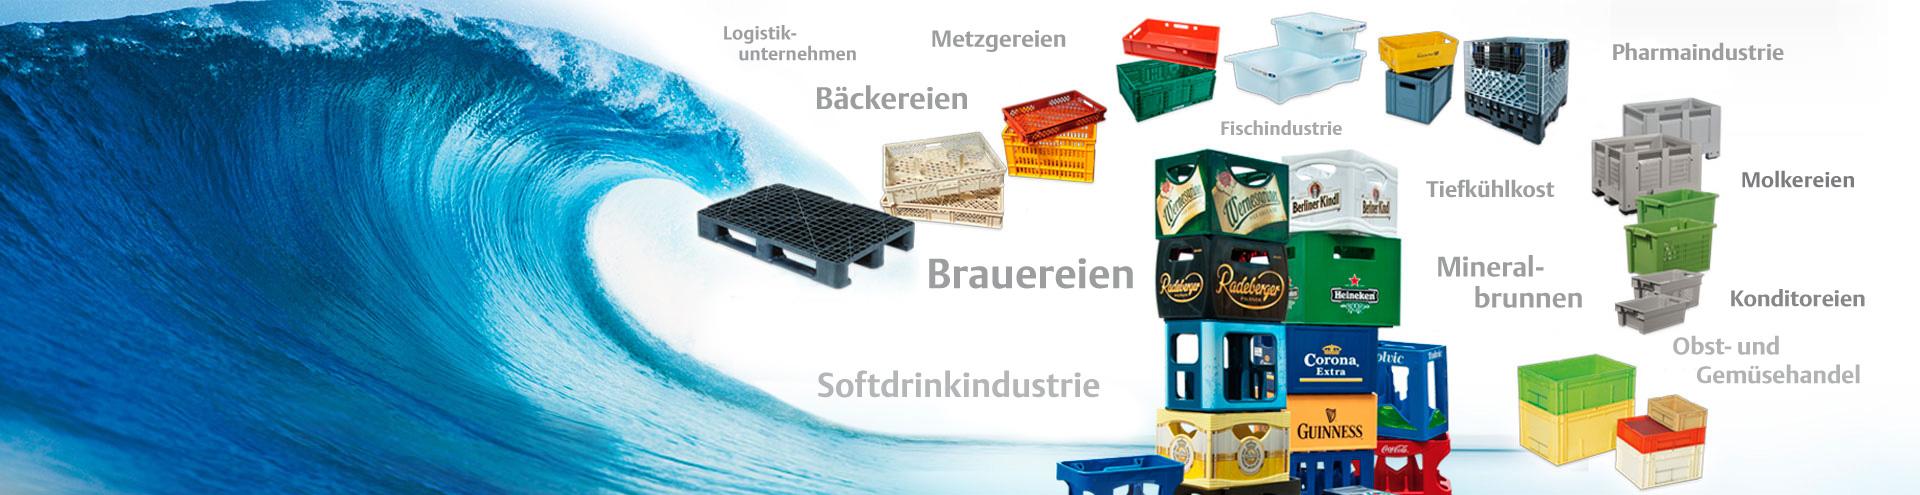 BOHRER Kastenreinigungsanlagen für die Getränke- und Lebensmittelindustrie –